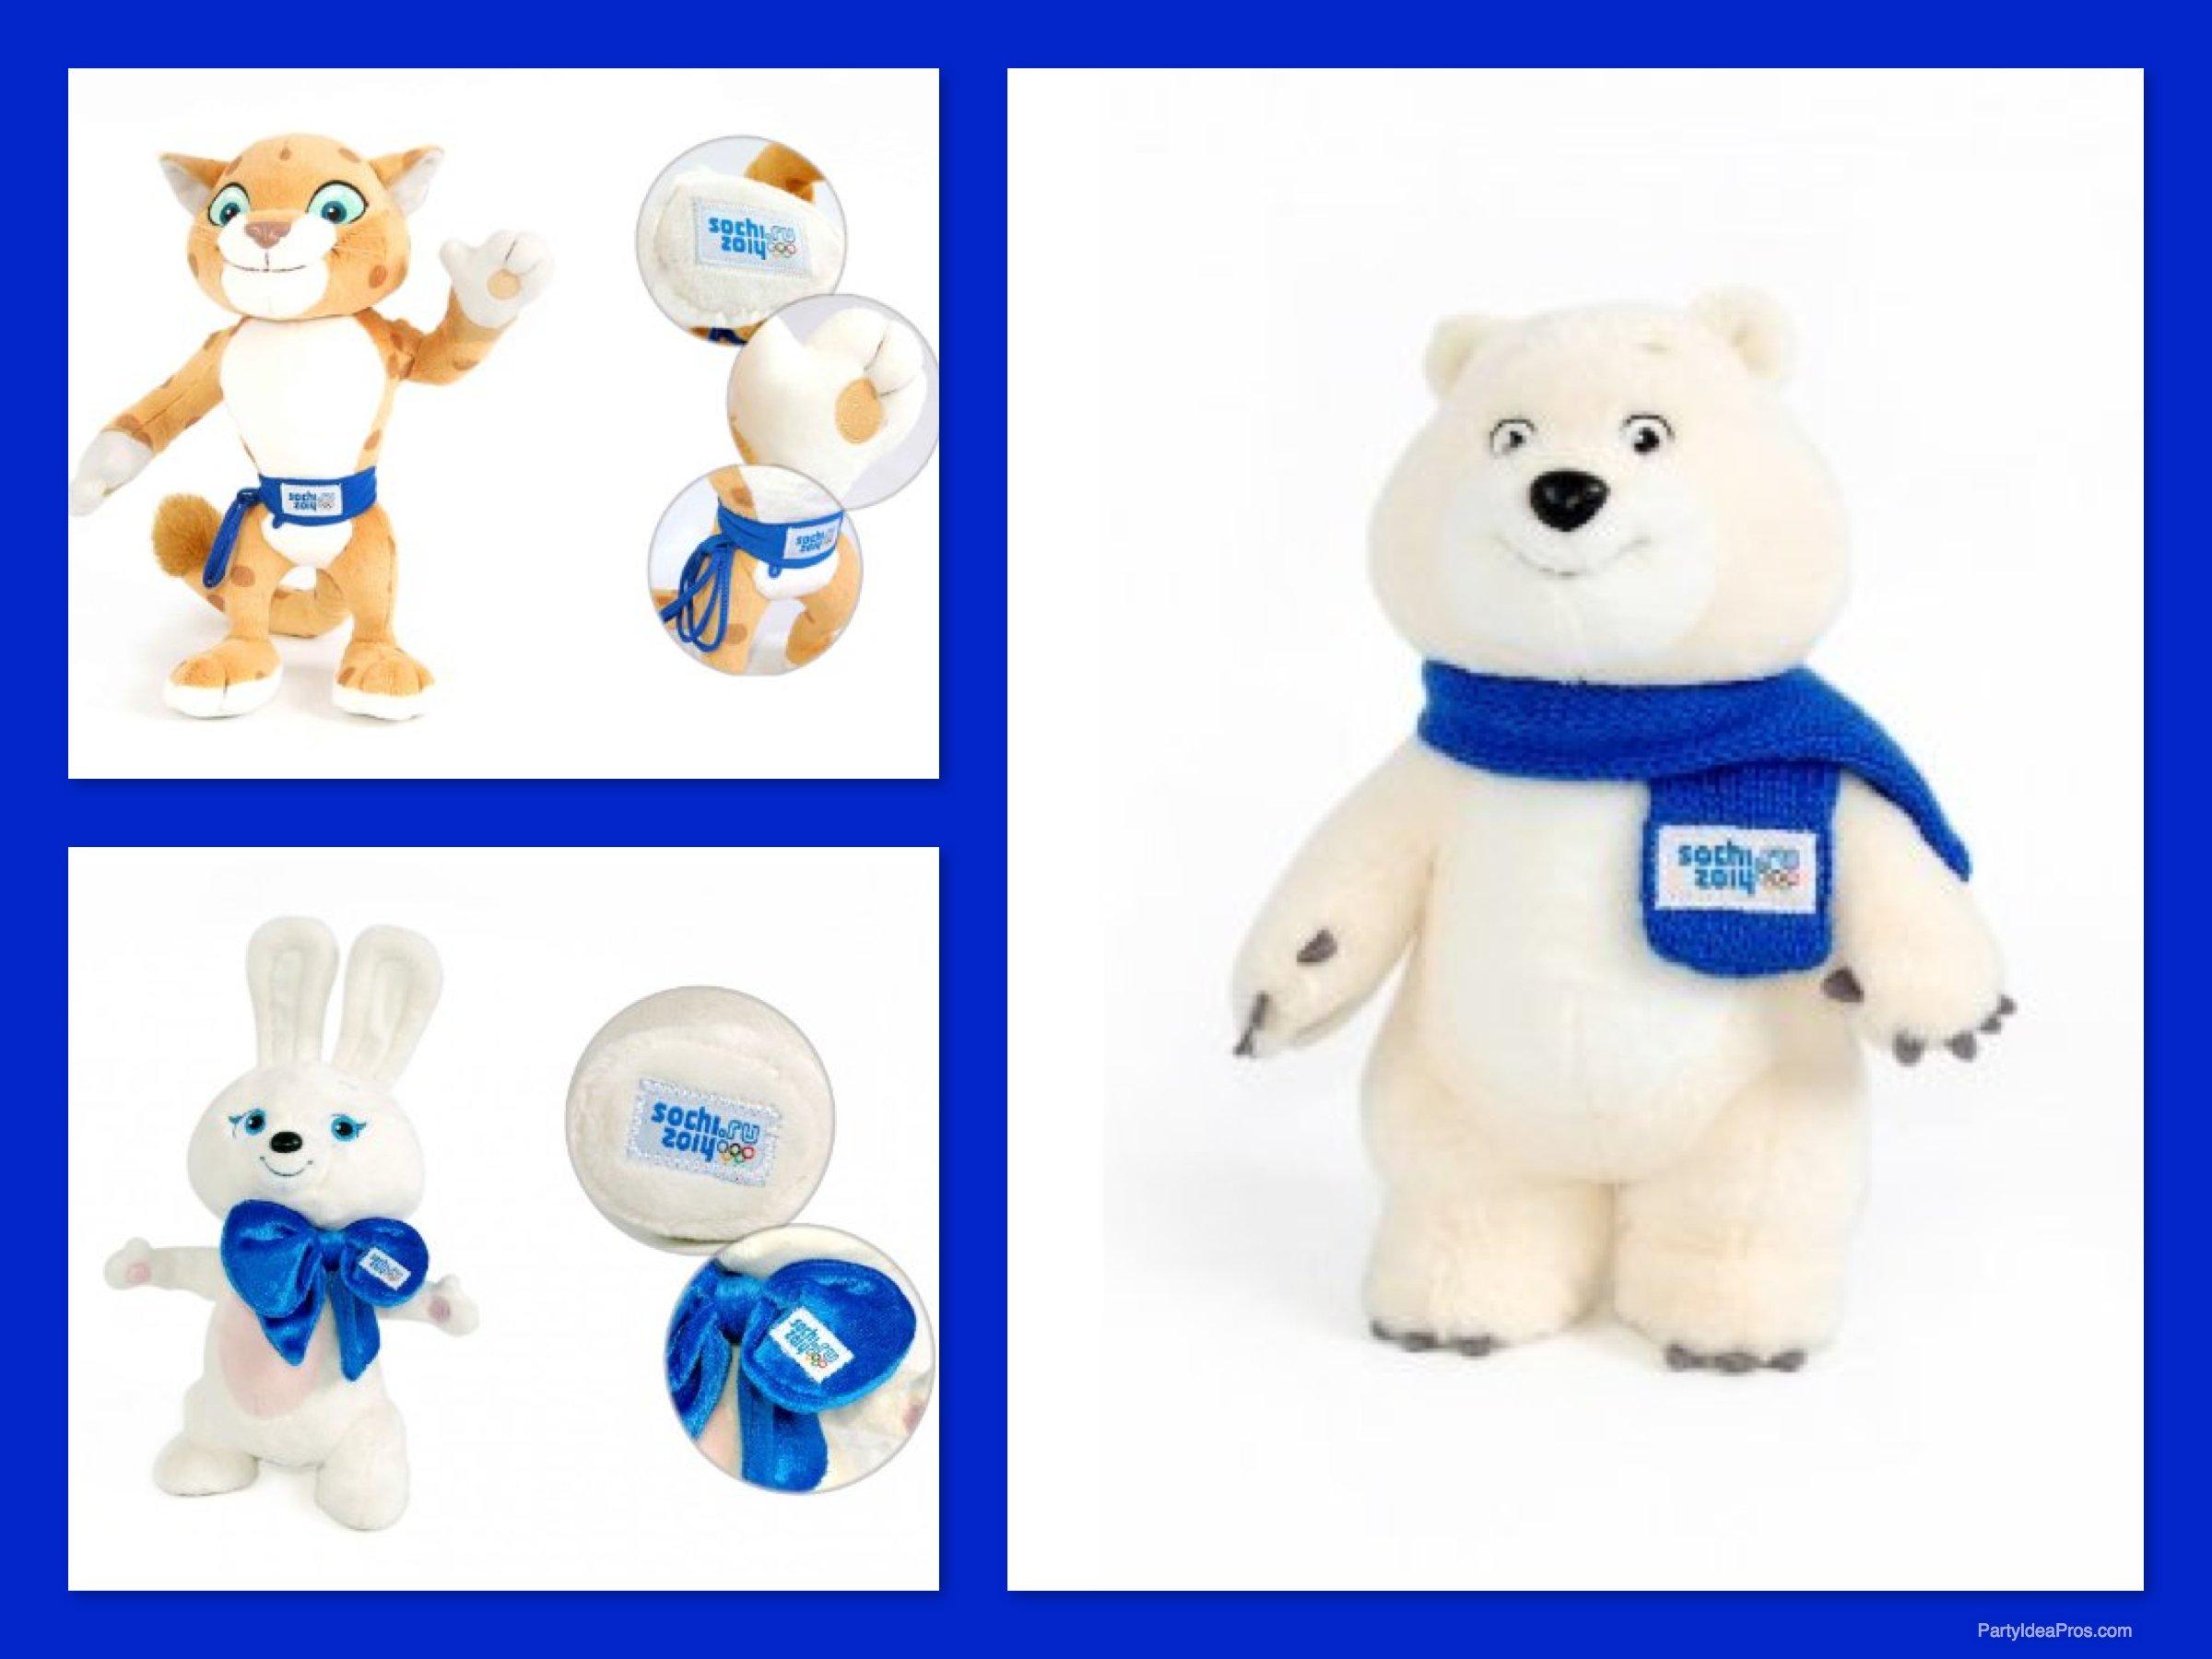 Olympics 2014 Mascots Sochi 2014 winter olympics